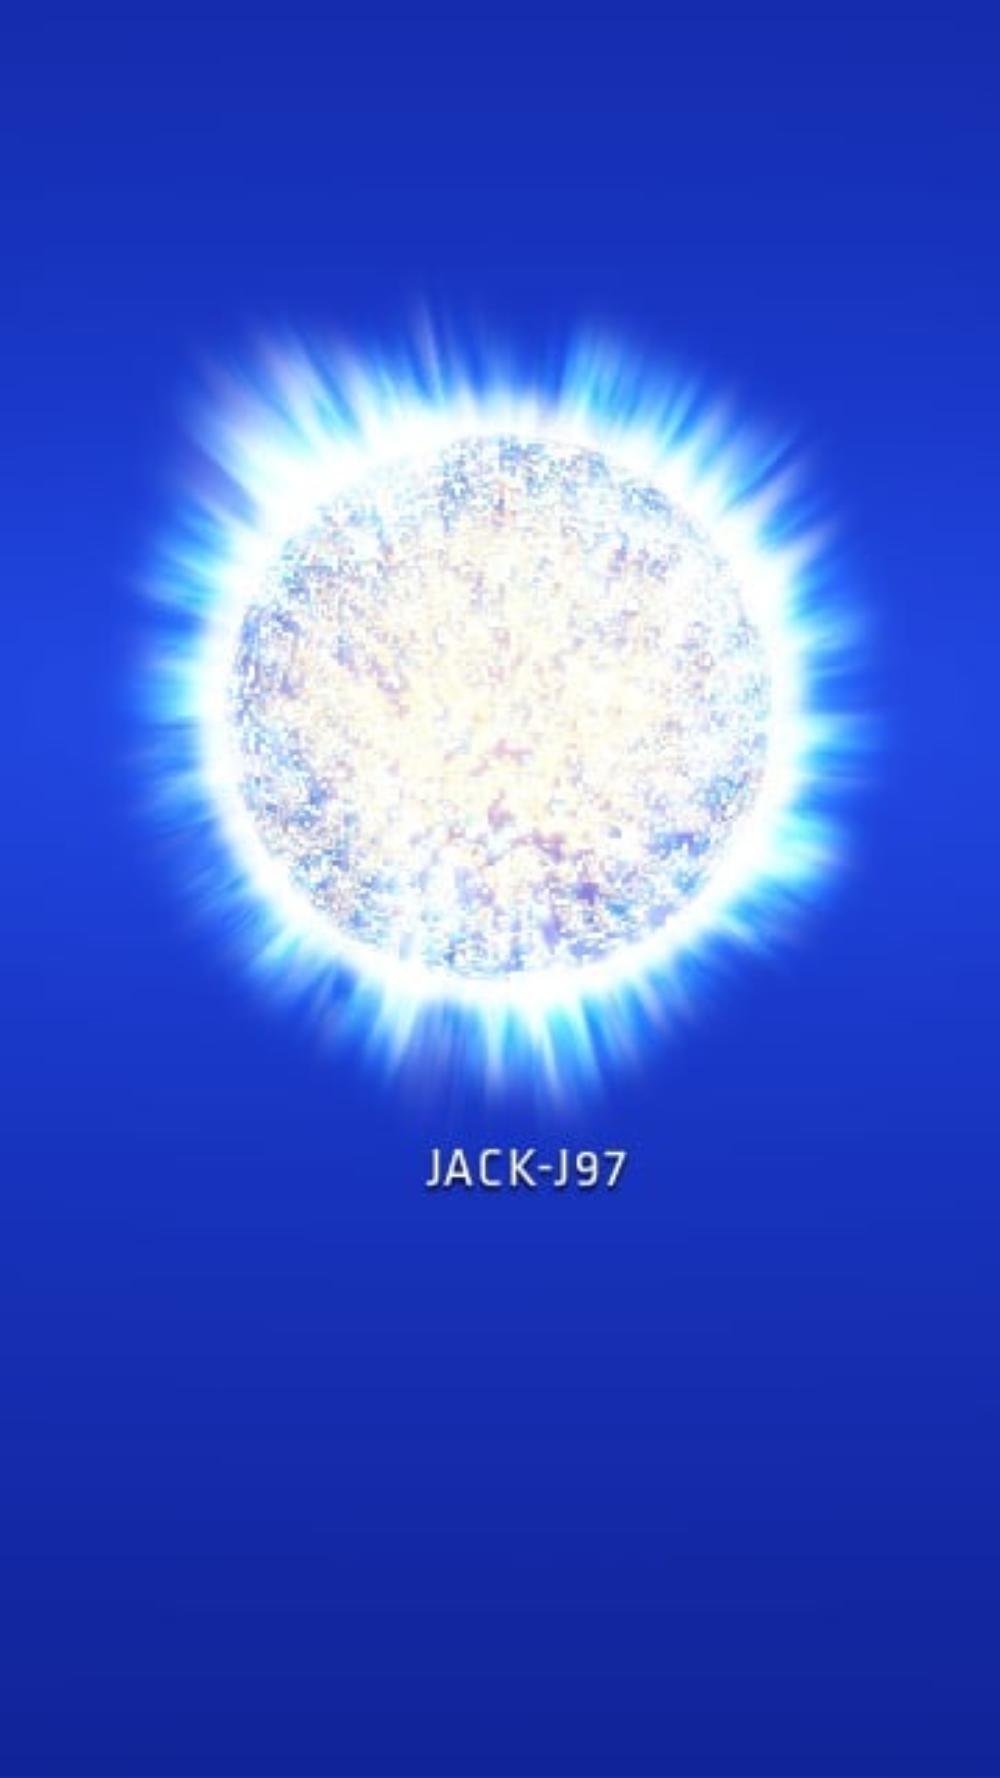 FC Đom đóm đem cả ngôi sao mang tên Jack-J97 tặng cho thần tượng: 'Anh là vị tinh tú' Ảnh 6